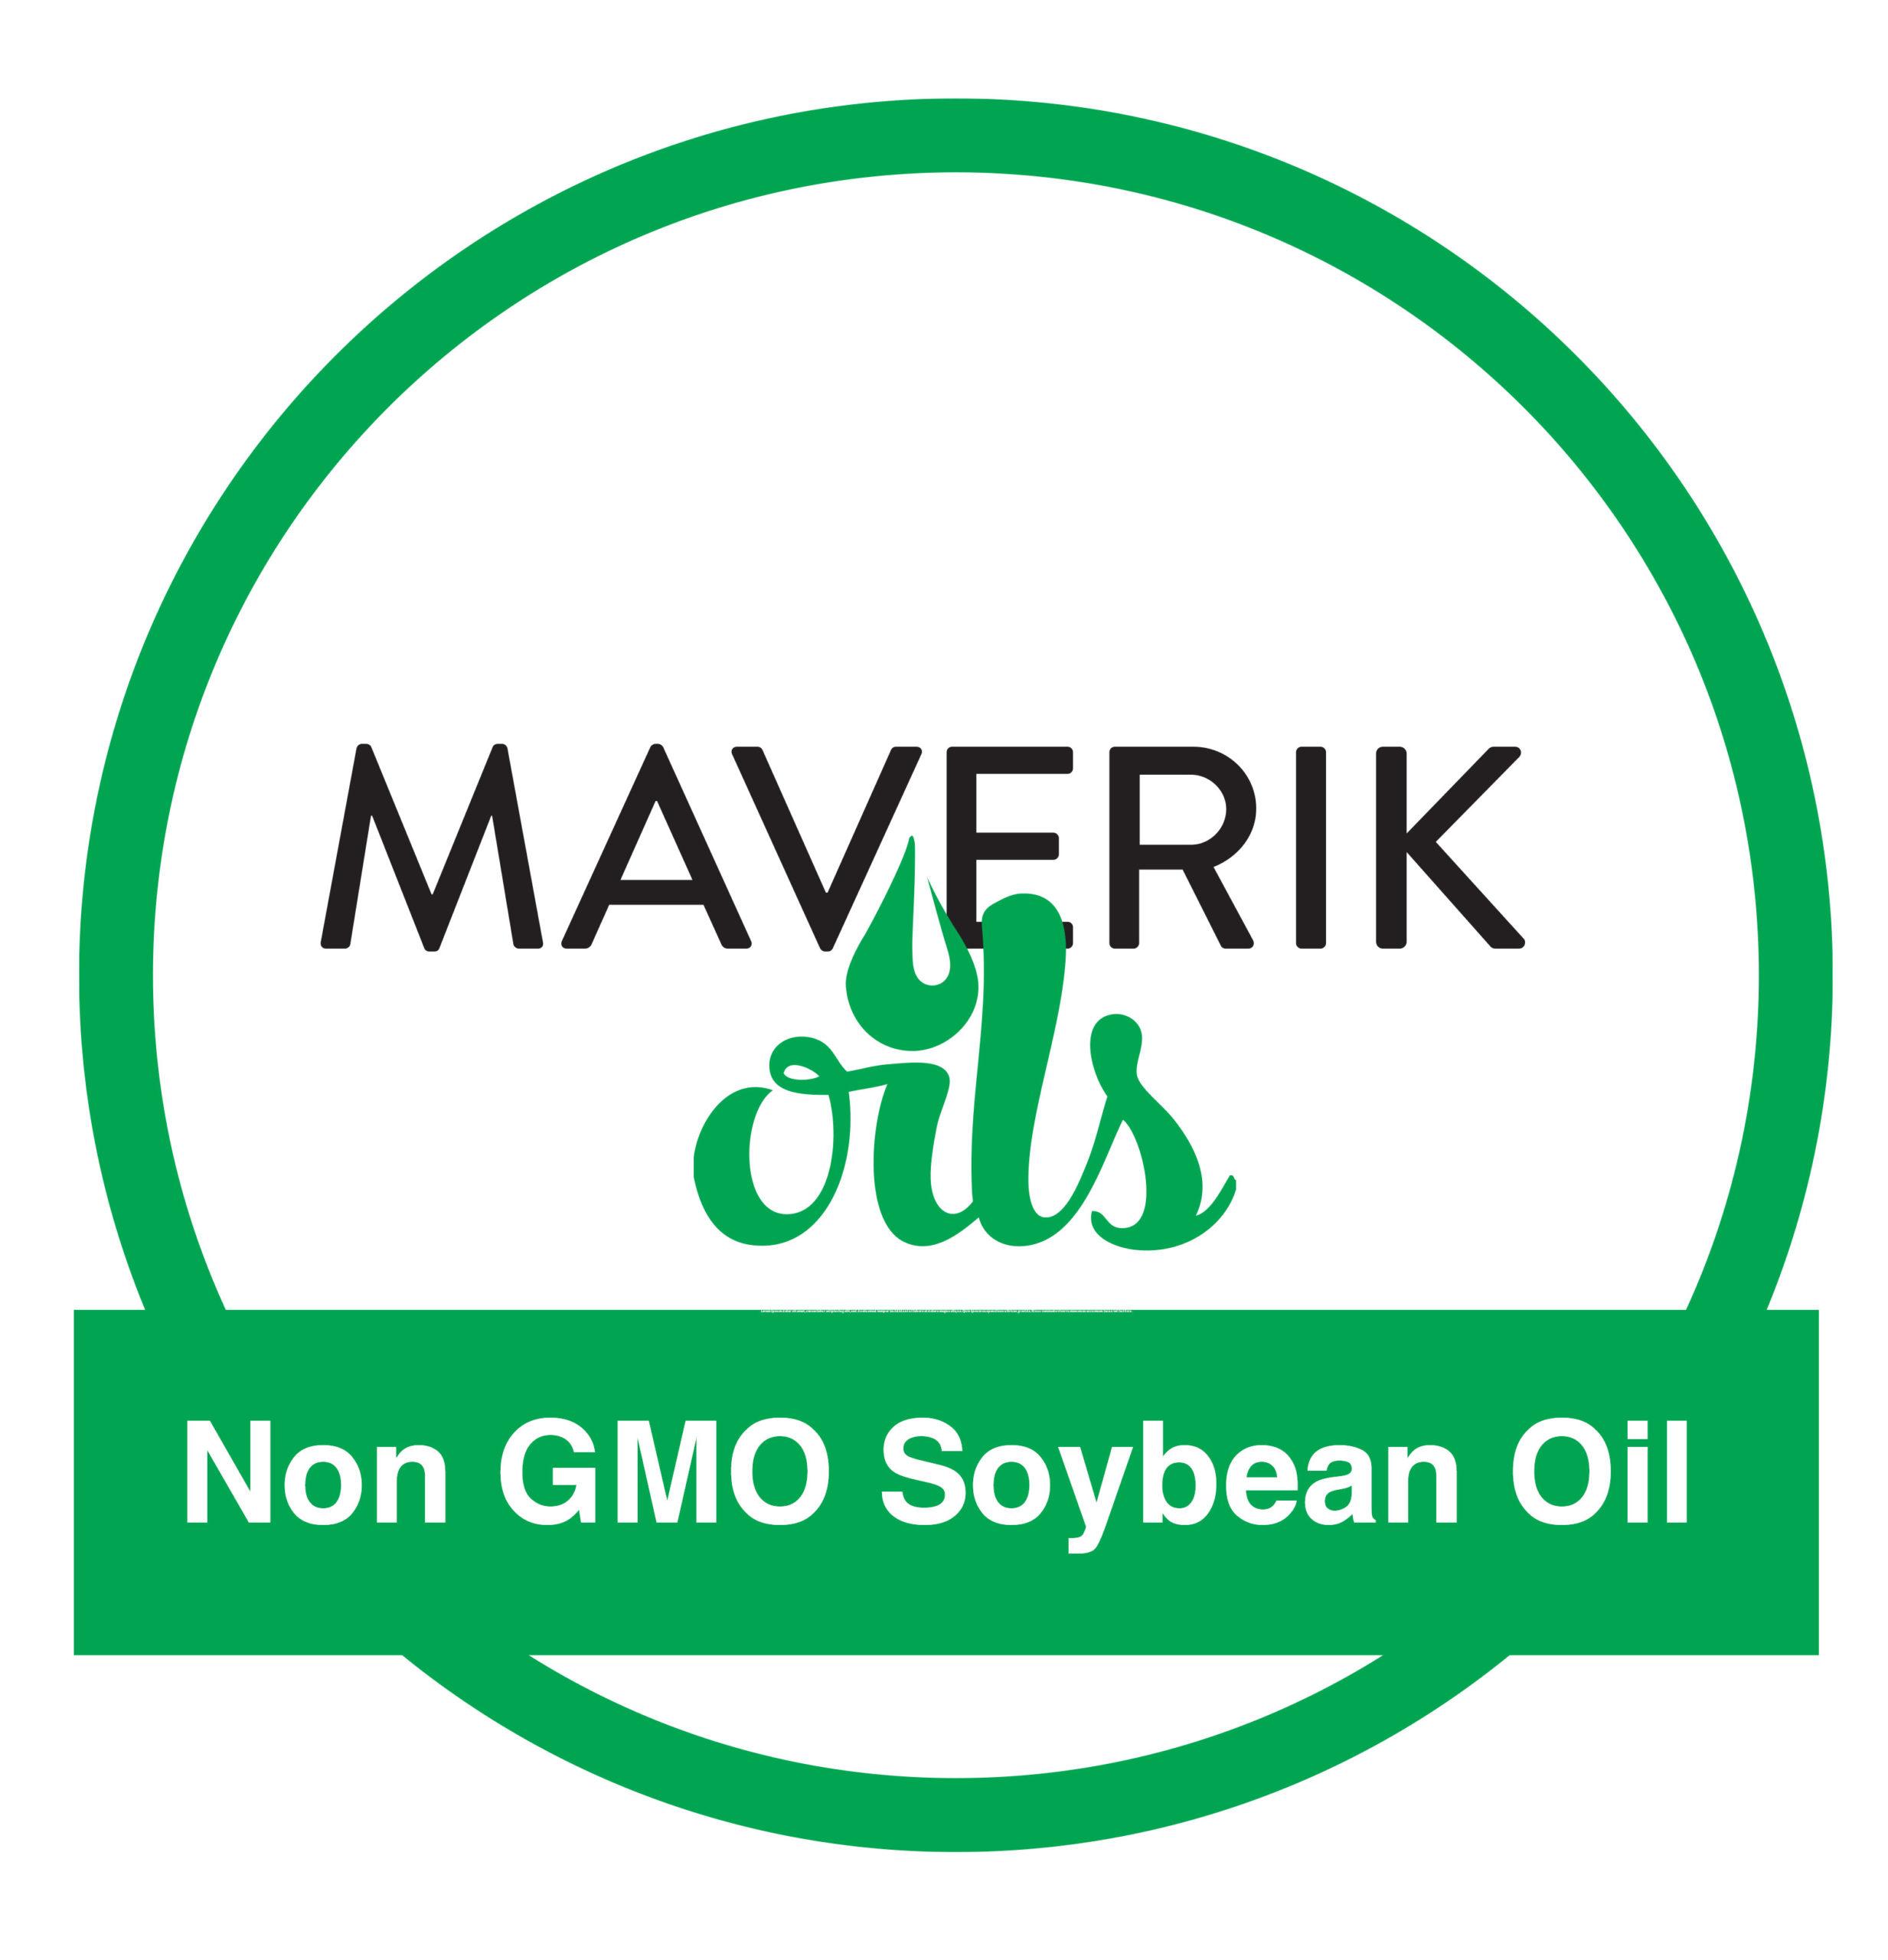 NON GMO Soybean Oil